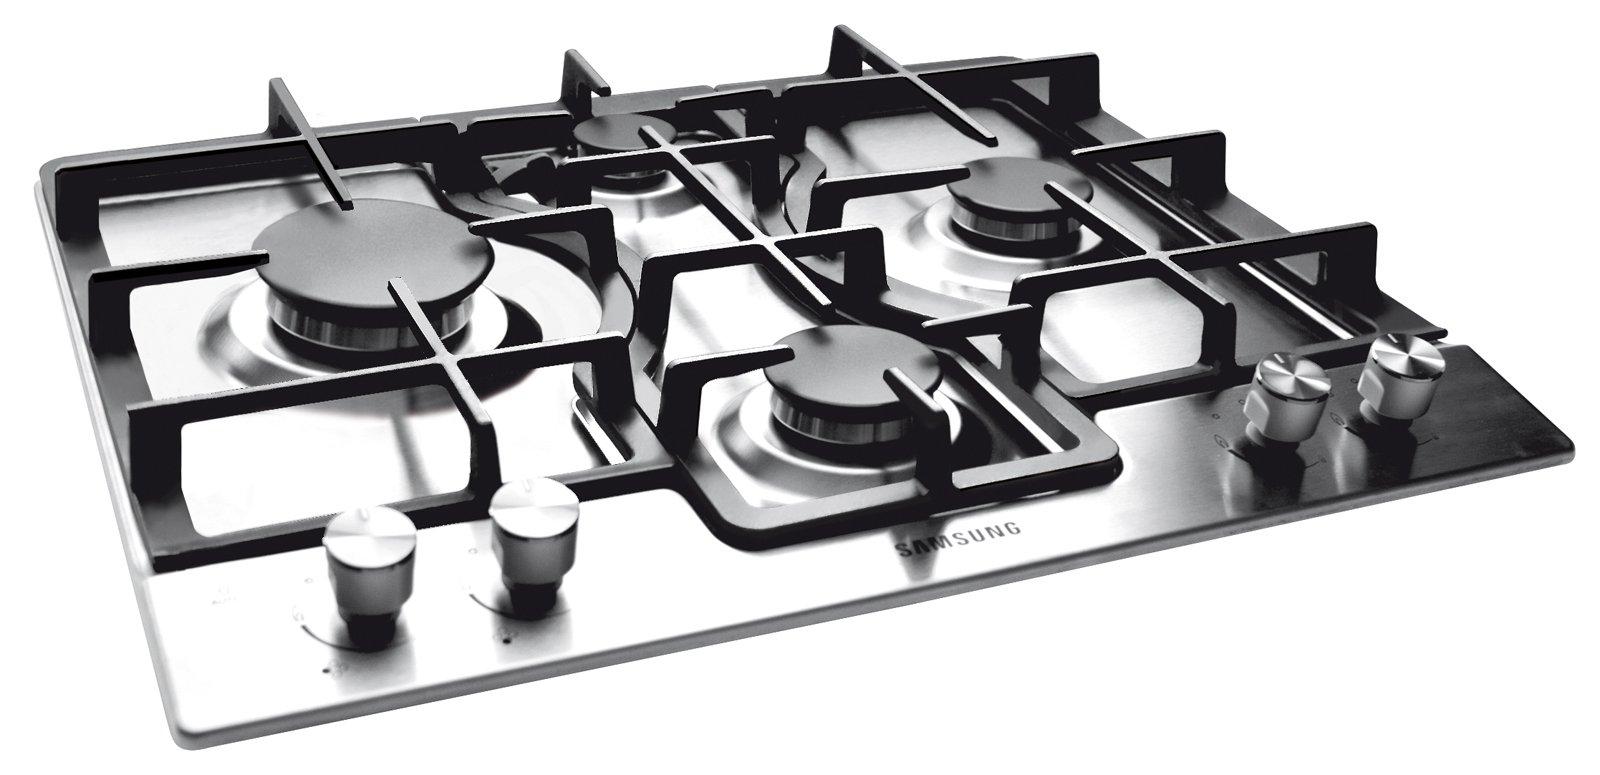 Piani cottura con o senza fiamma cose di casa - Valvola sicurezza piano cottura ...